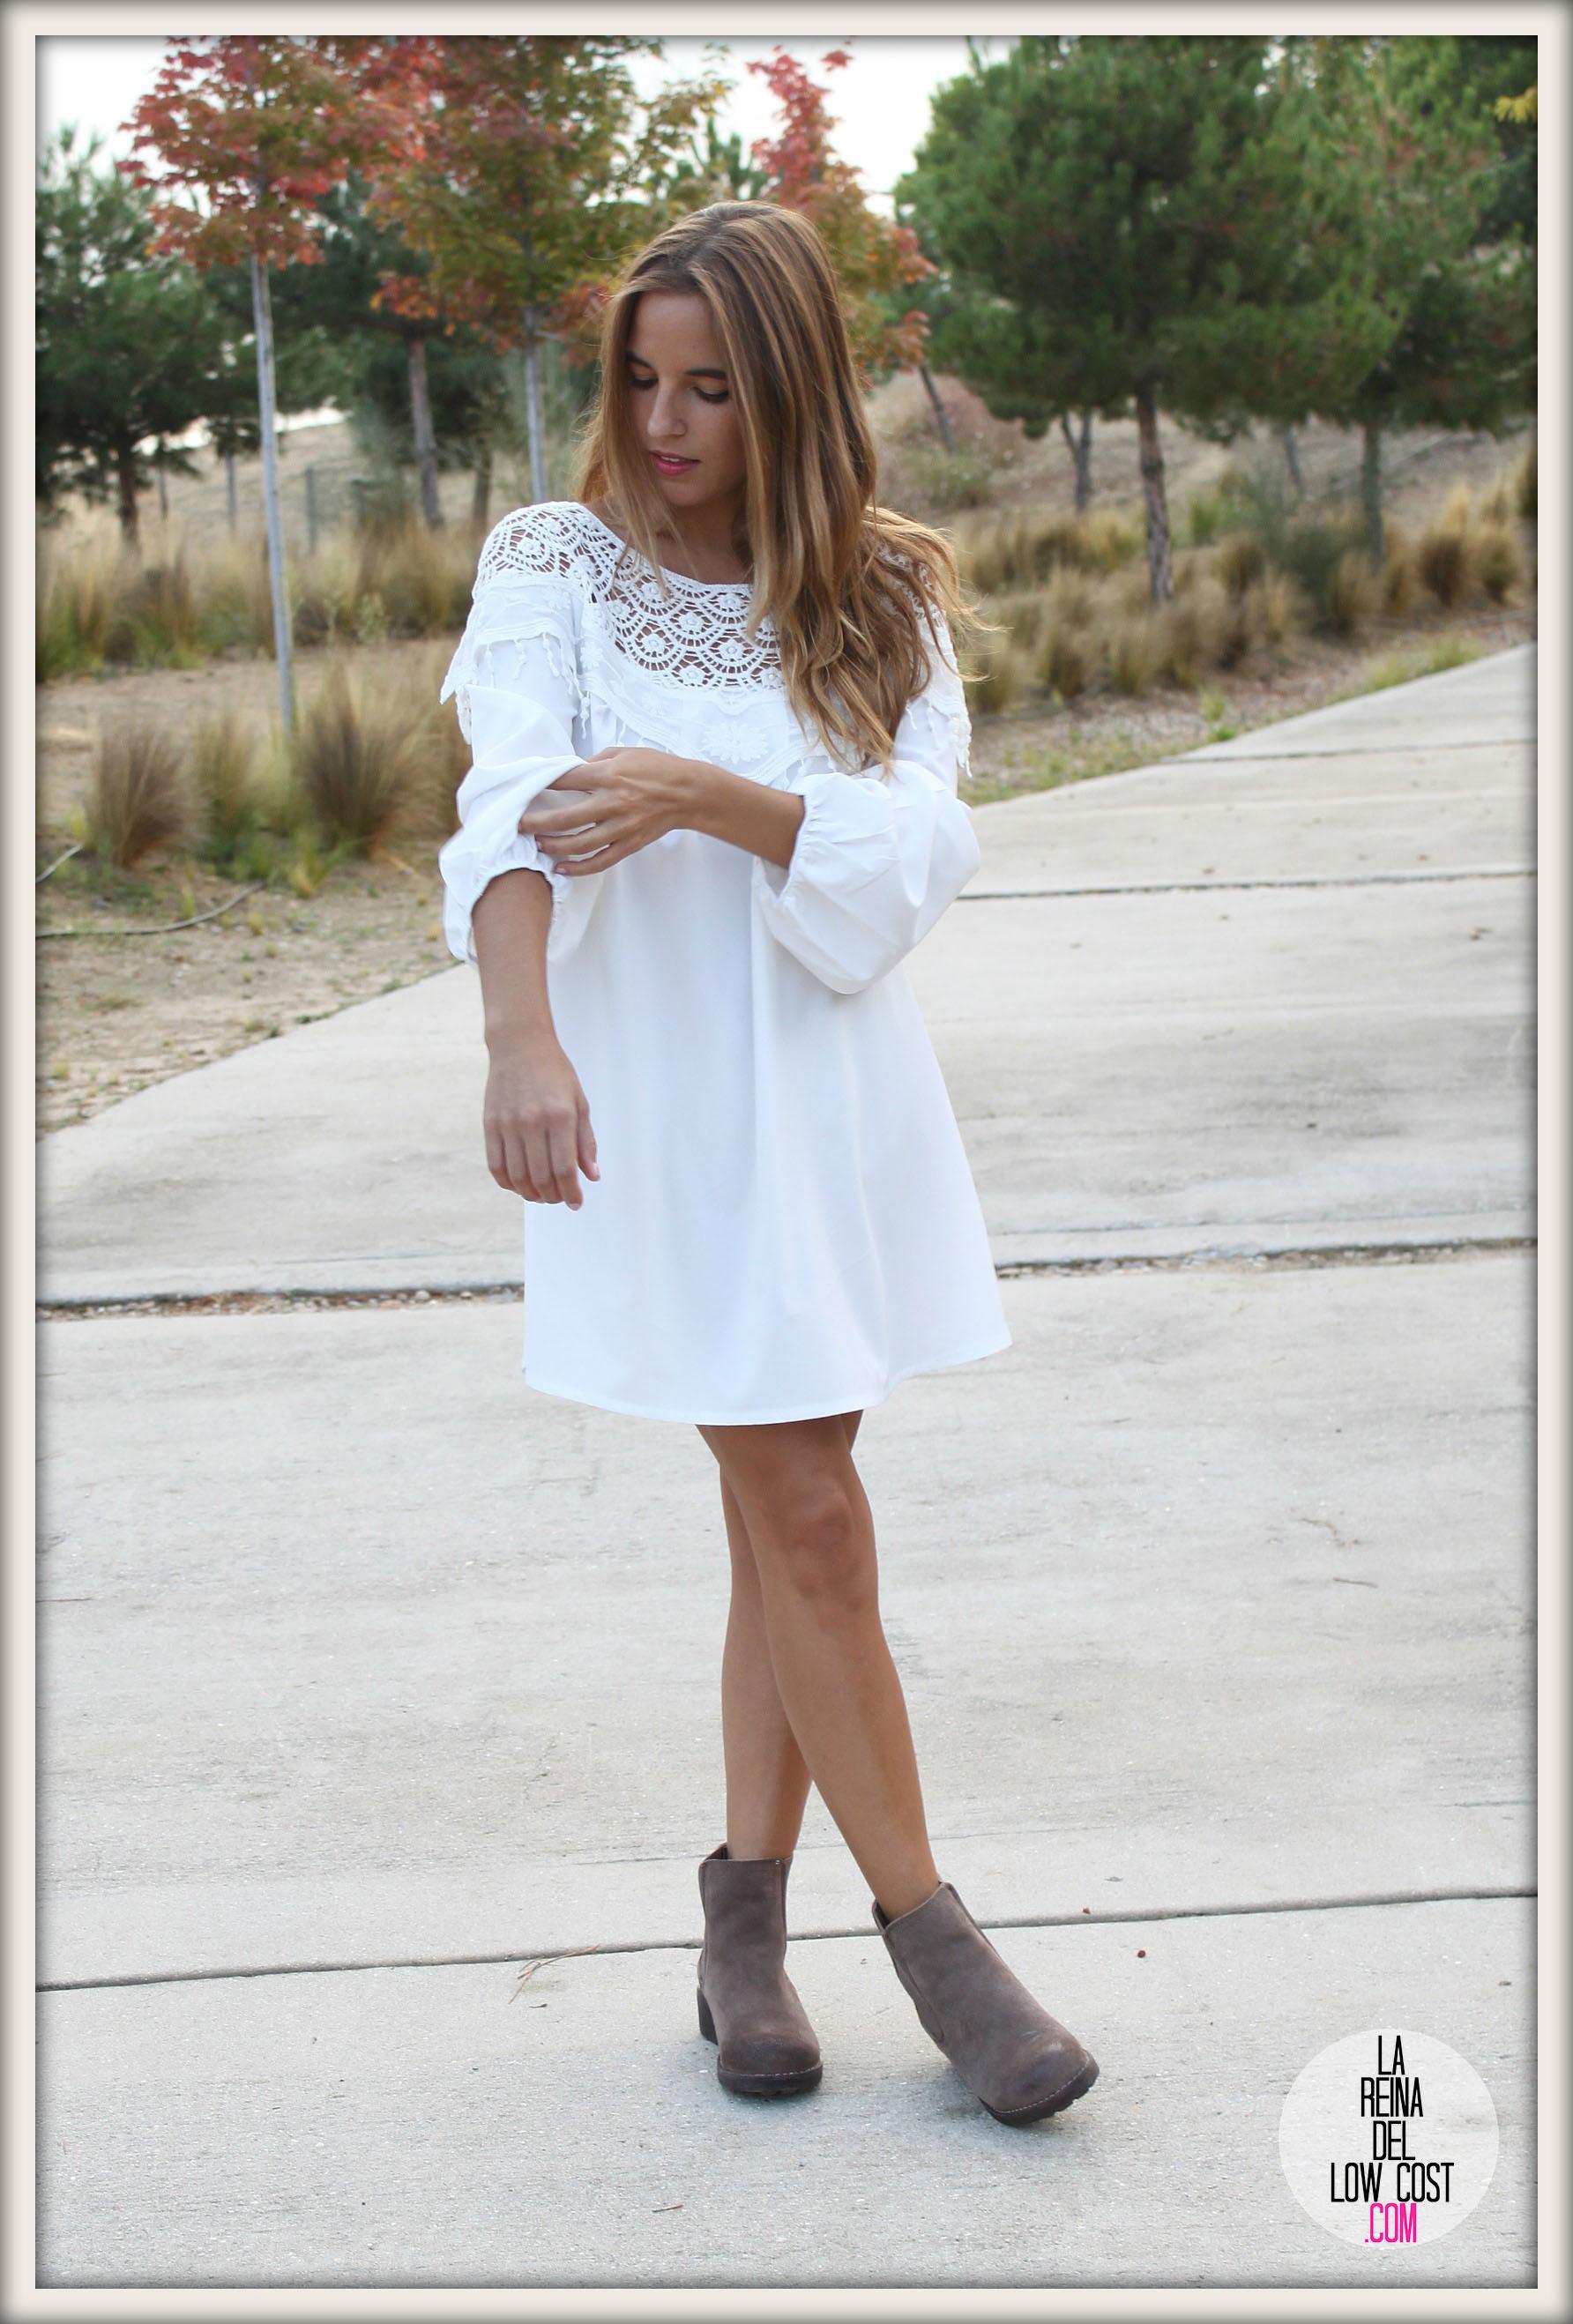 8262bac93 ... la reina del low cost pilar pascual del riquelme vestido blanco corto  chollo moda tienda online